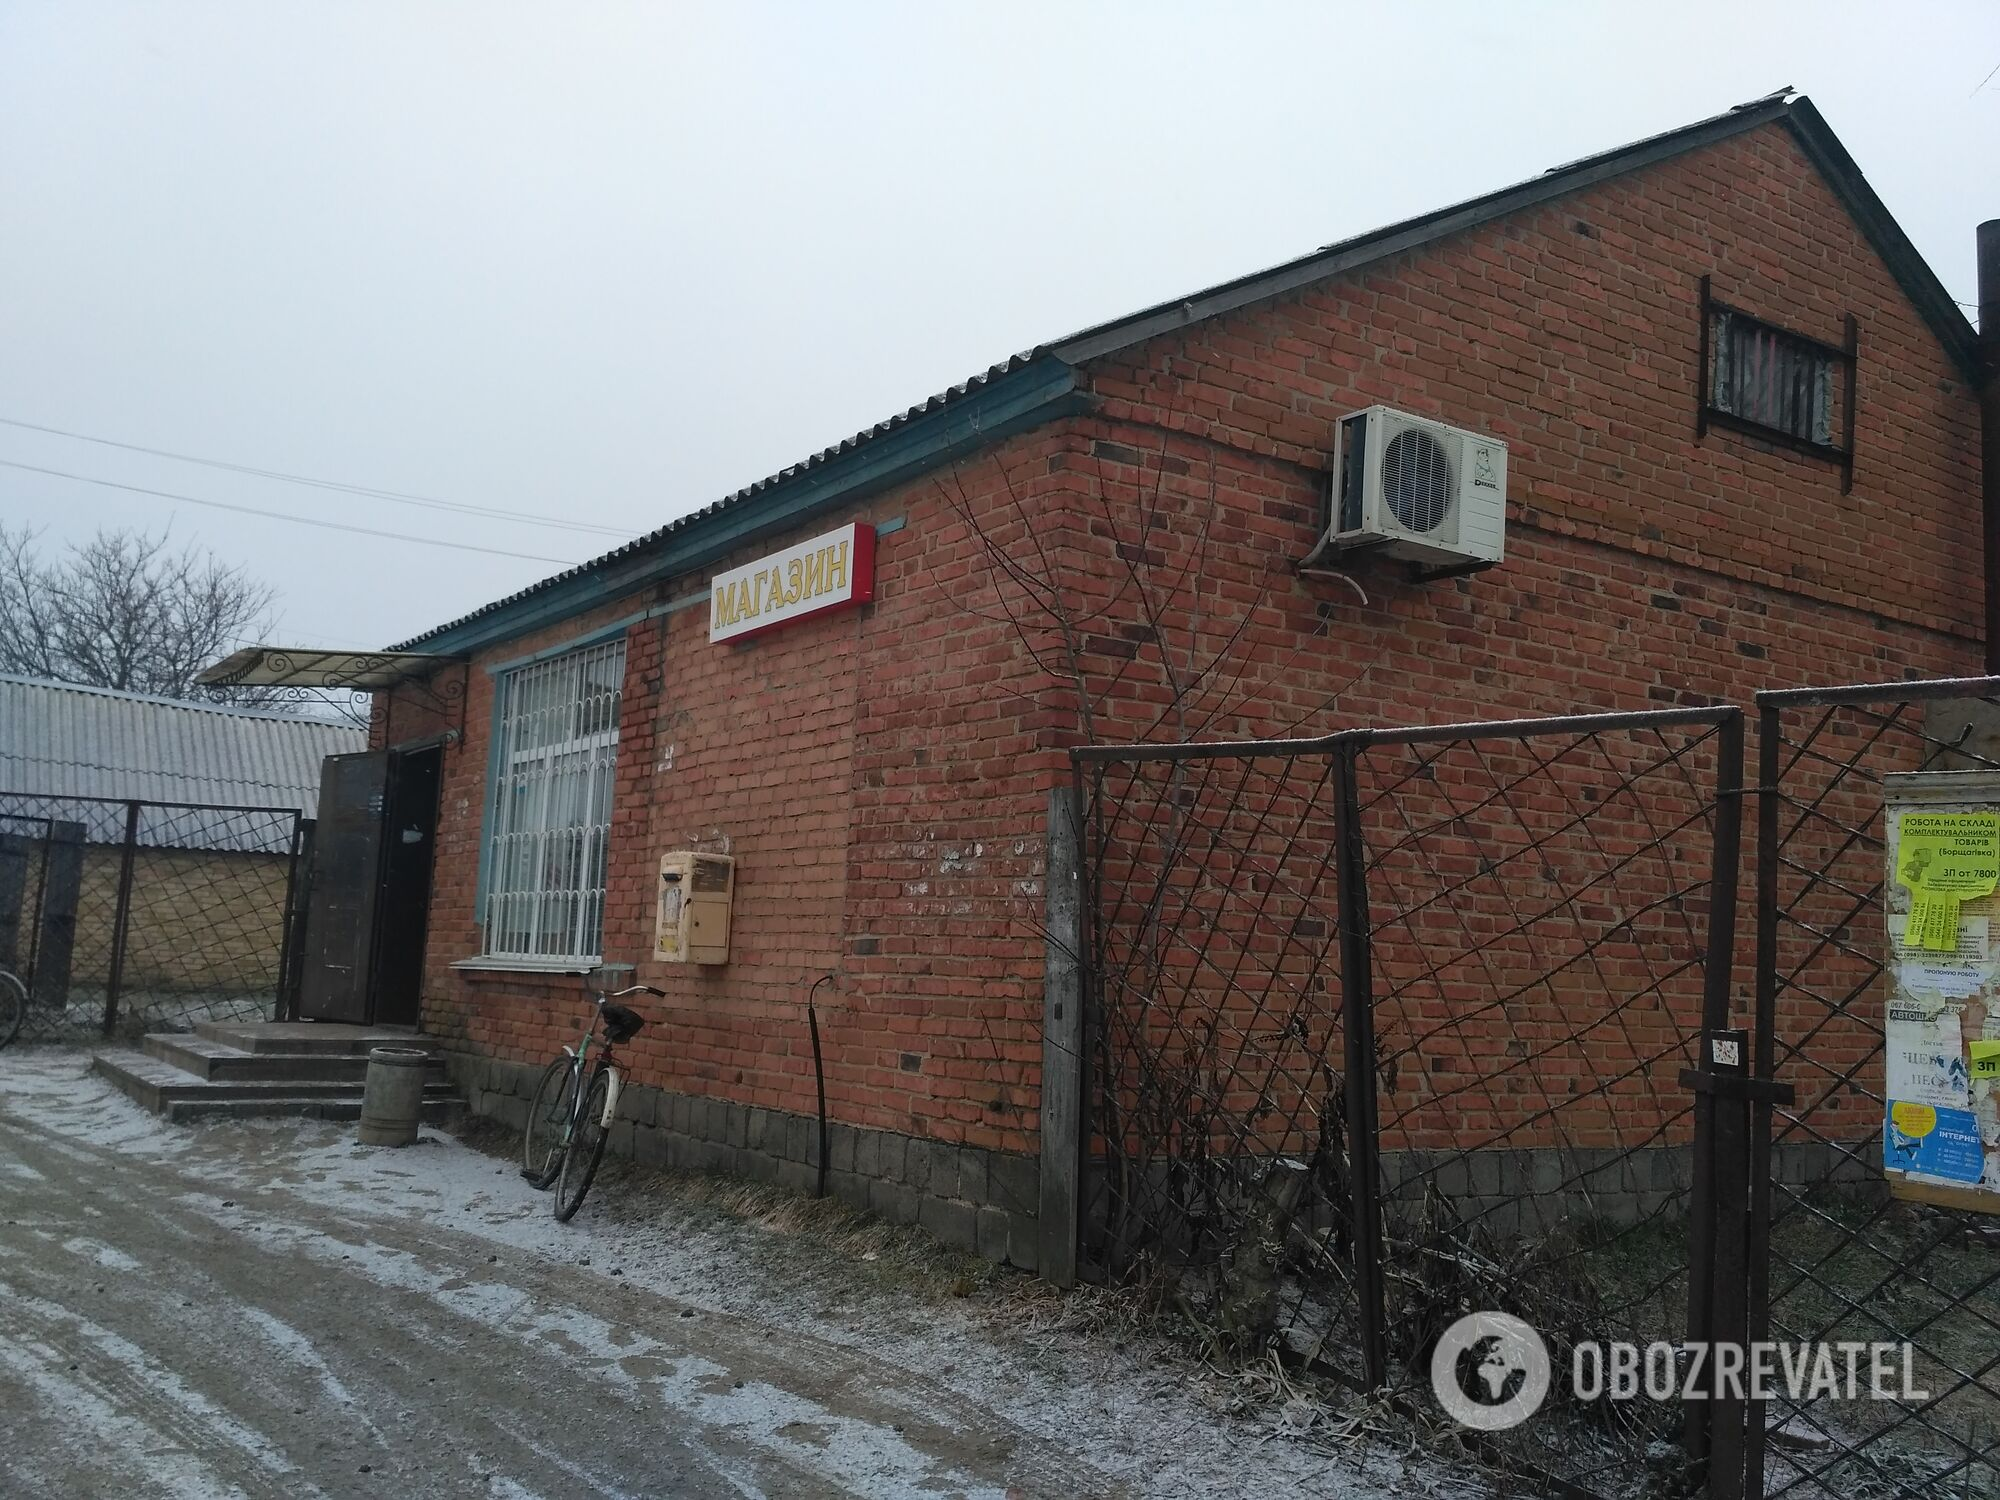 Магазин на перекрестке двух улиц. На одной из них живут и Россошанские, и семья Ирины Ноздровской